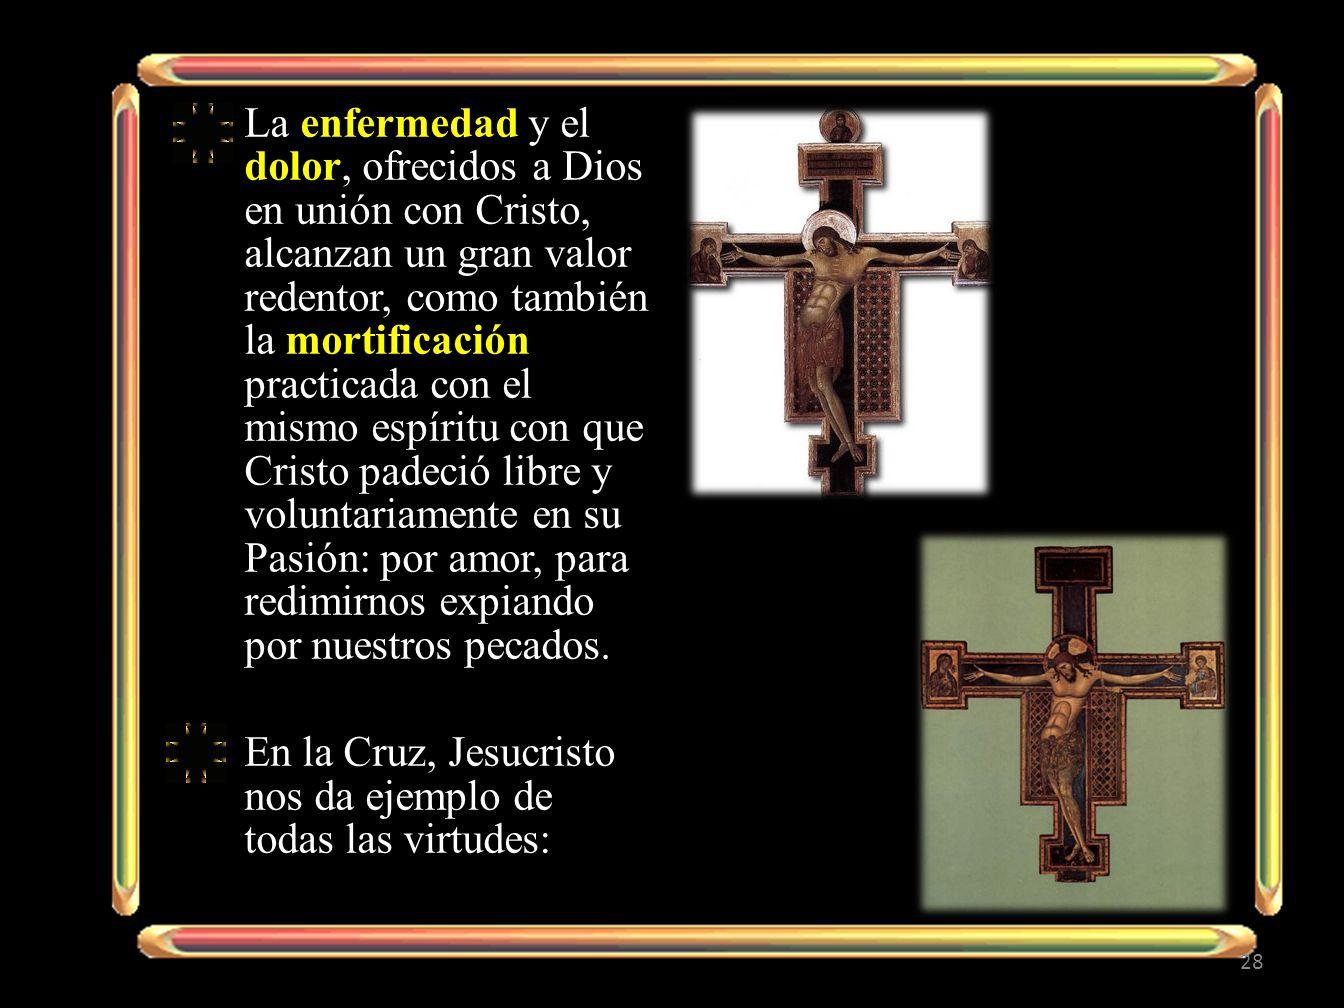 La enfermedad y el dolor, ofrecidos a Dios en unión con Cristo, alcanzan un gran valor redentor, como también la mortificación practicada con el mismo